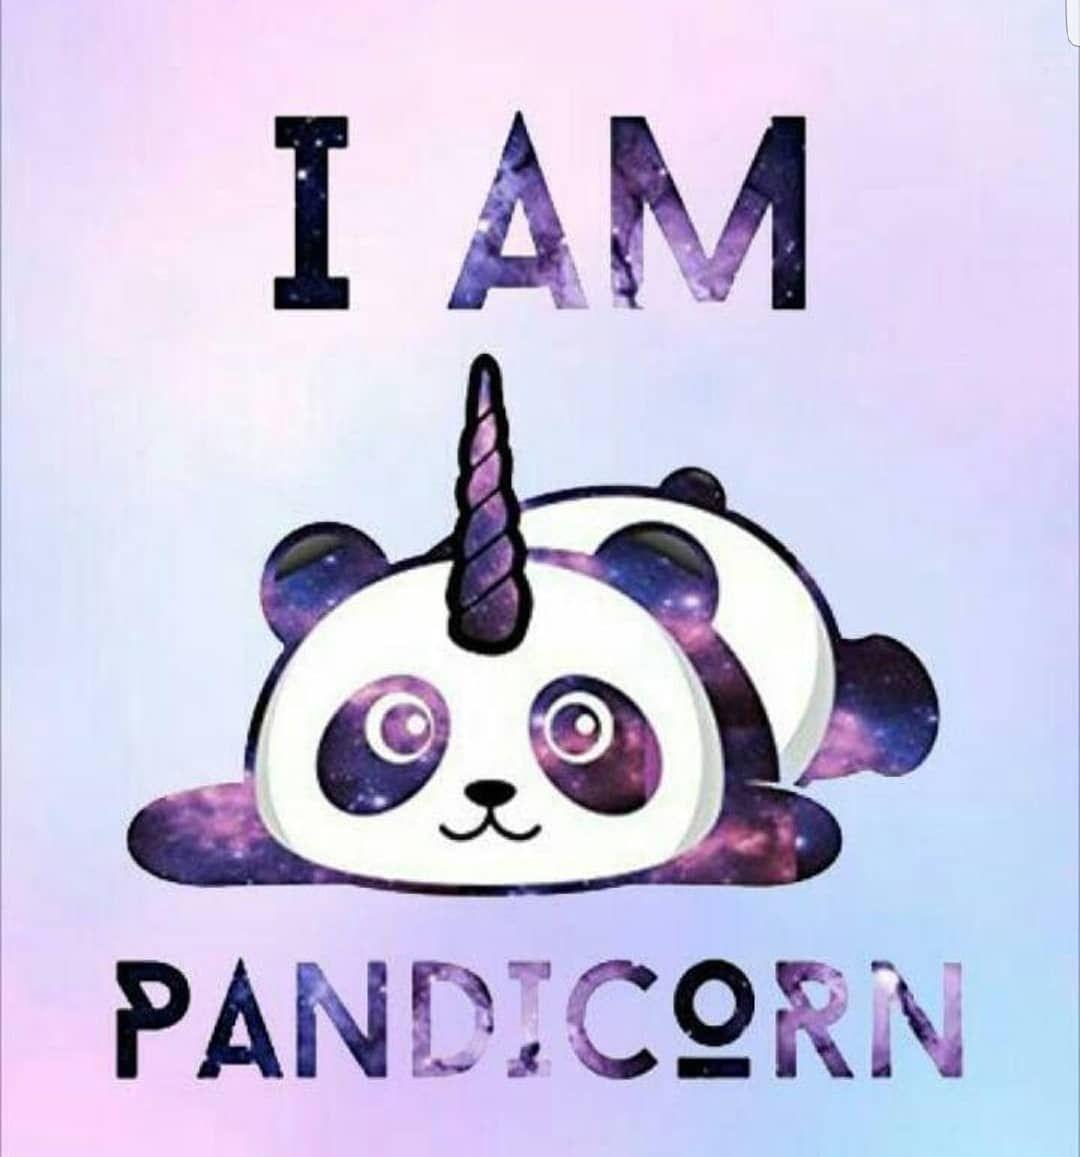 That S Me Pandacorn Panda Unicorn Fun Asyaeneva Love Cute Cutepanda Cuteunicorn Cutepic Cuti Panda Drawing Panda Wallpapers Panda Art